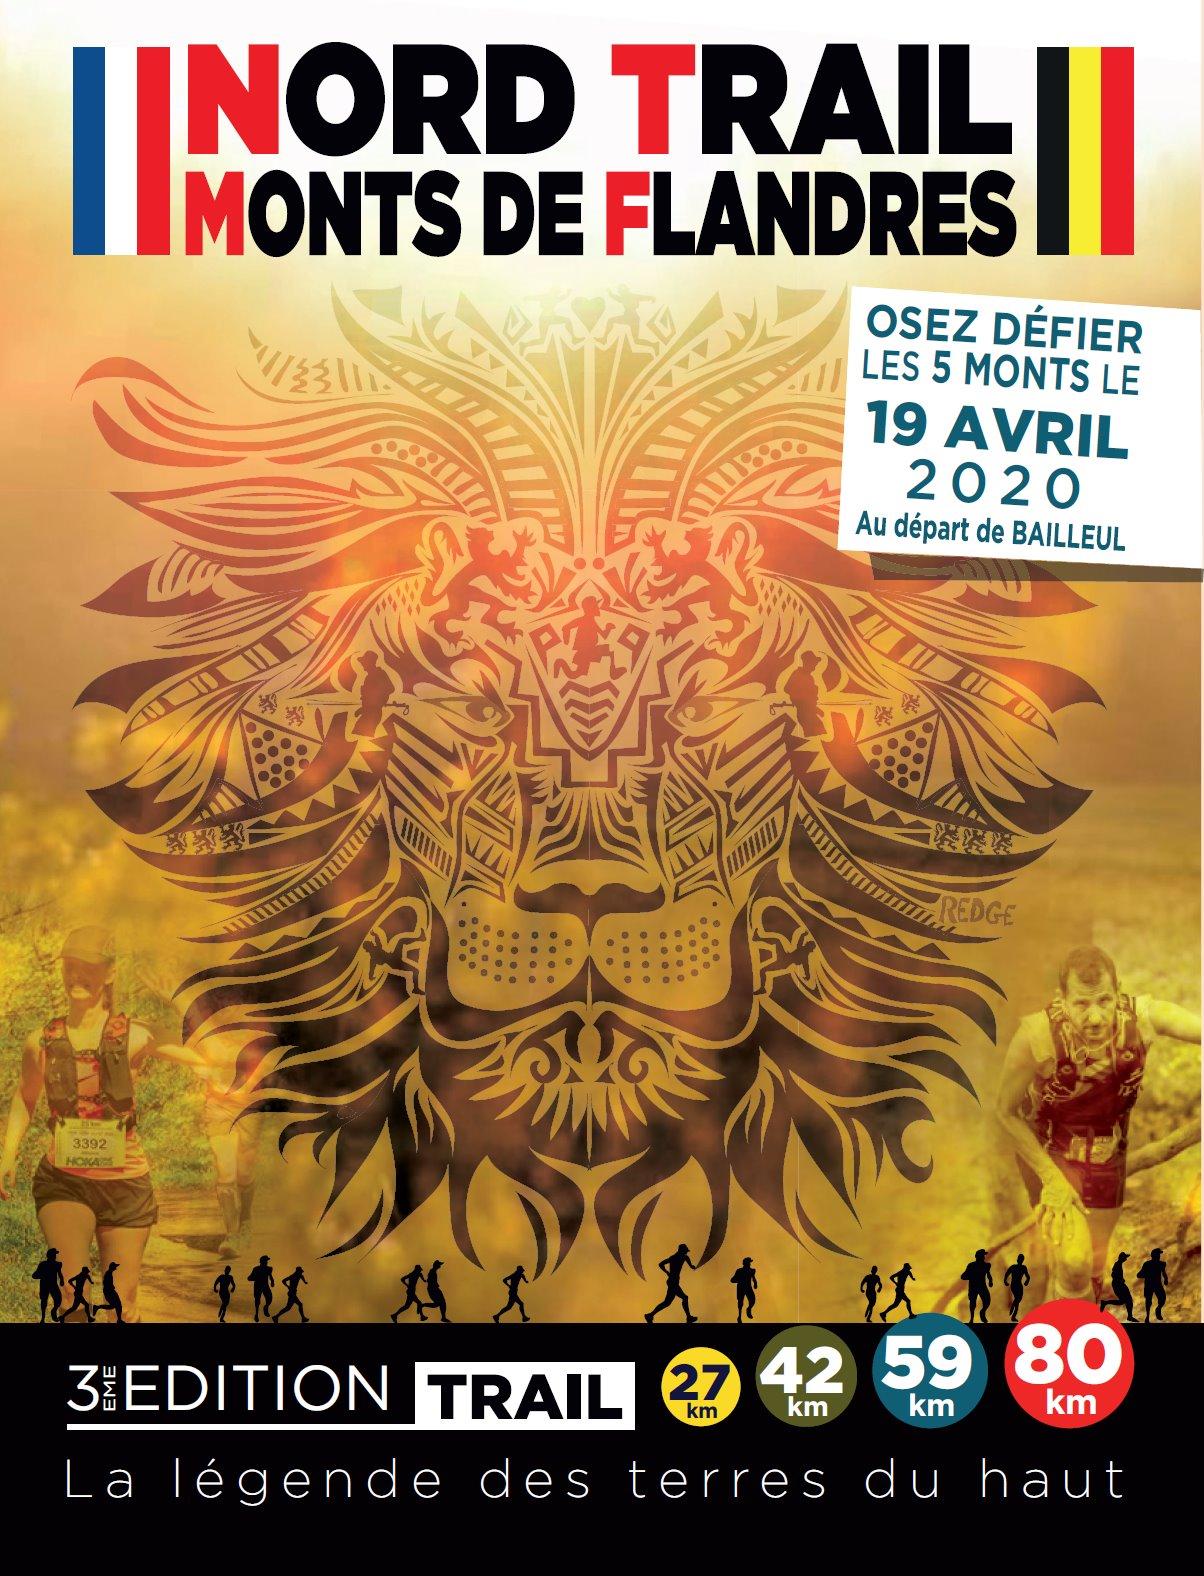 Affiche-Nord-Trail-Mont-de-Flandres-2020